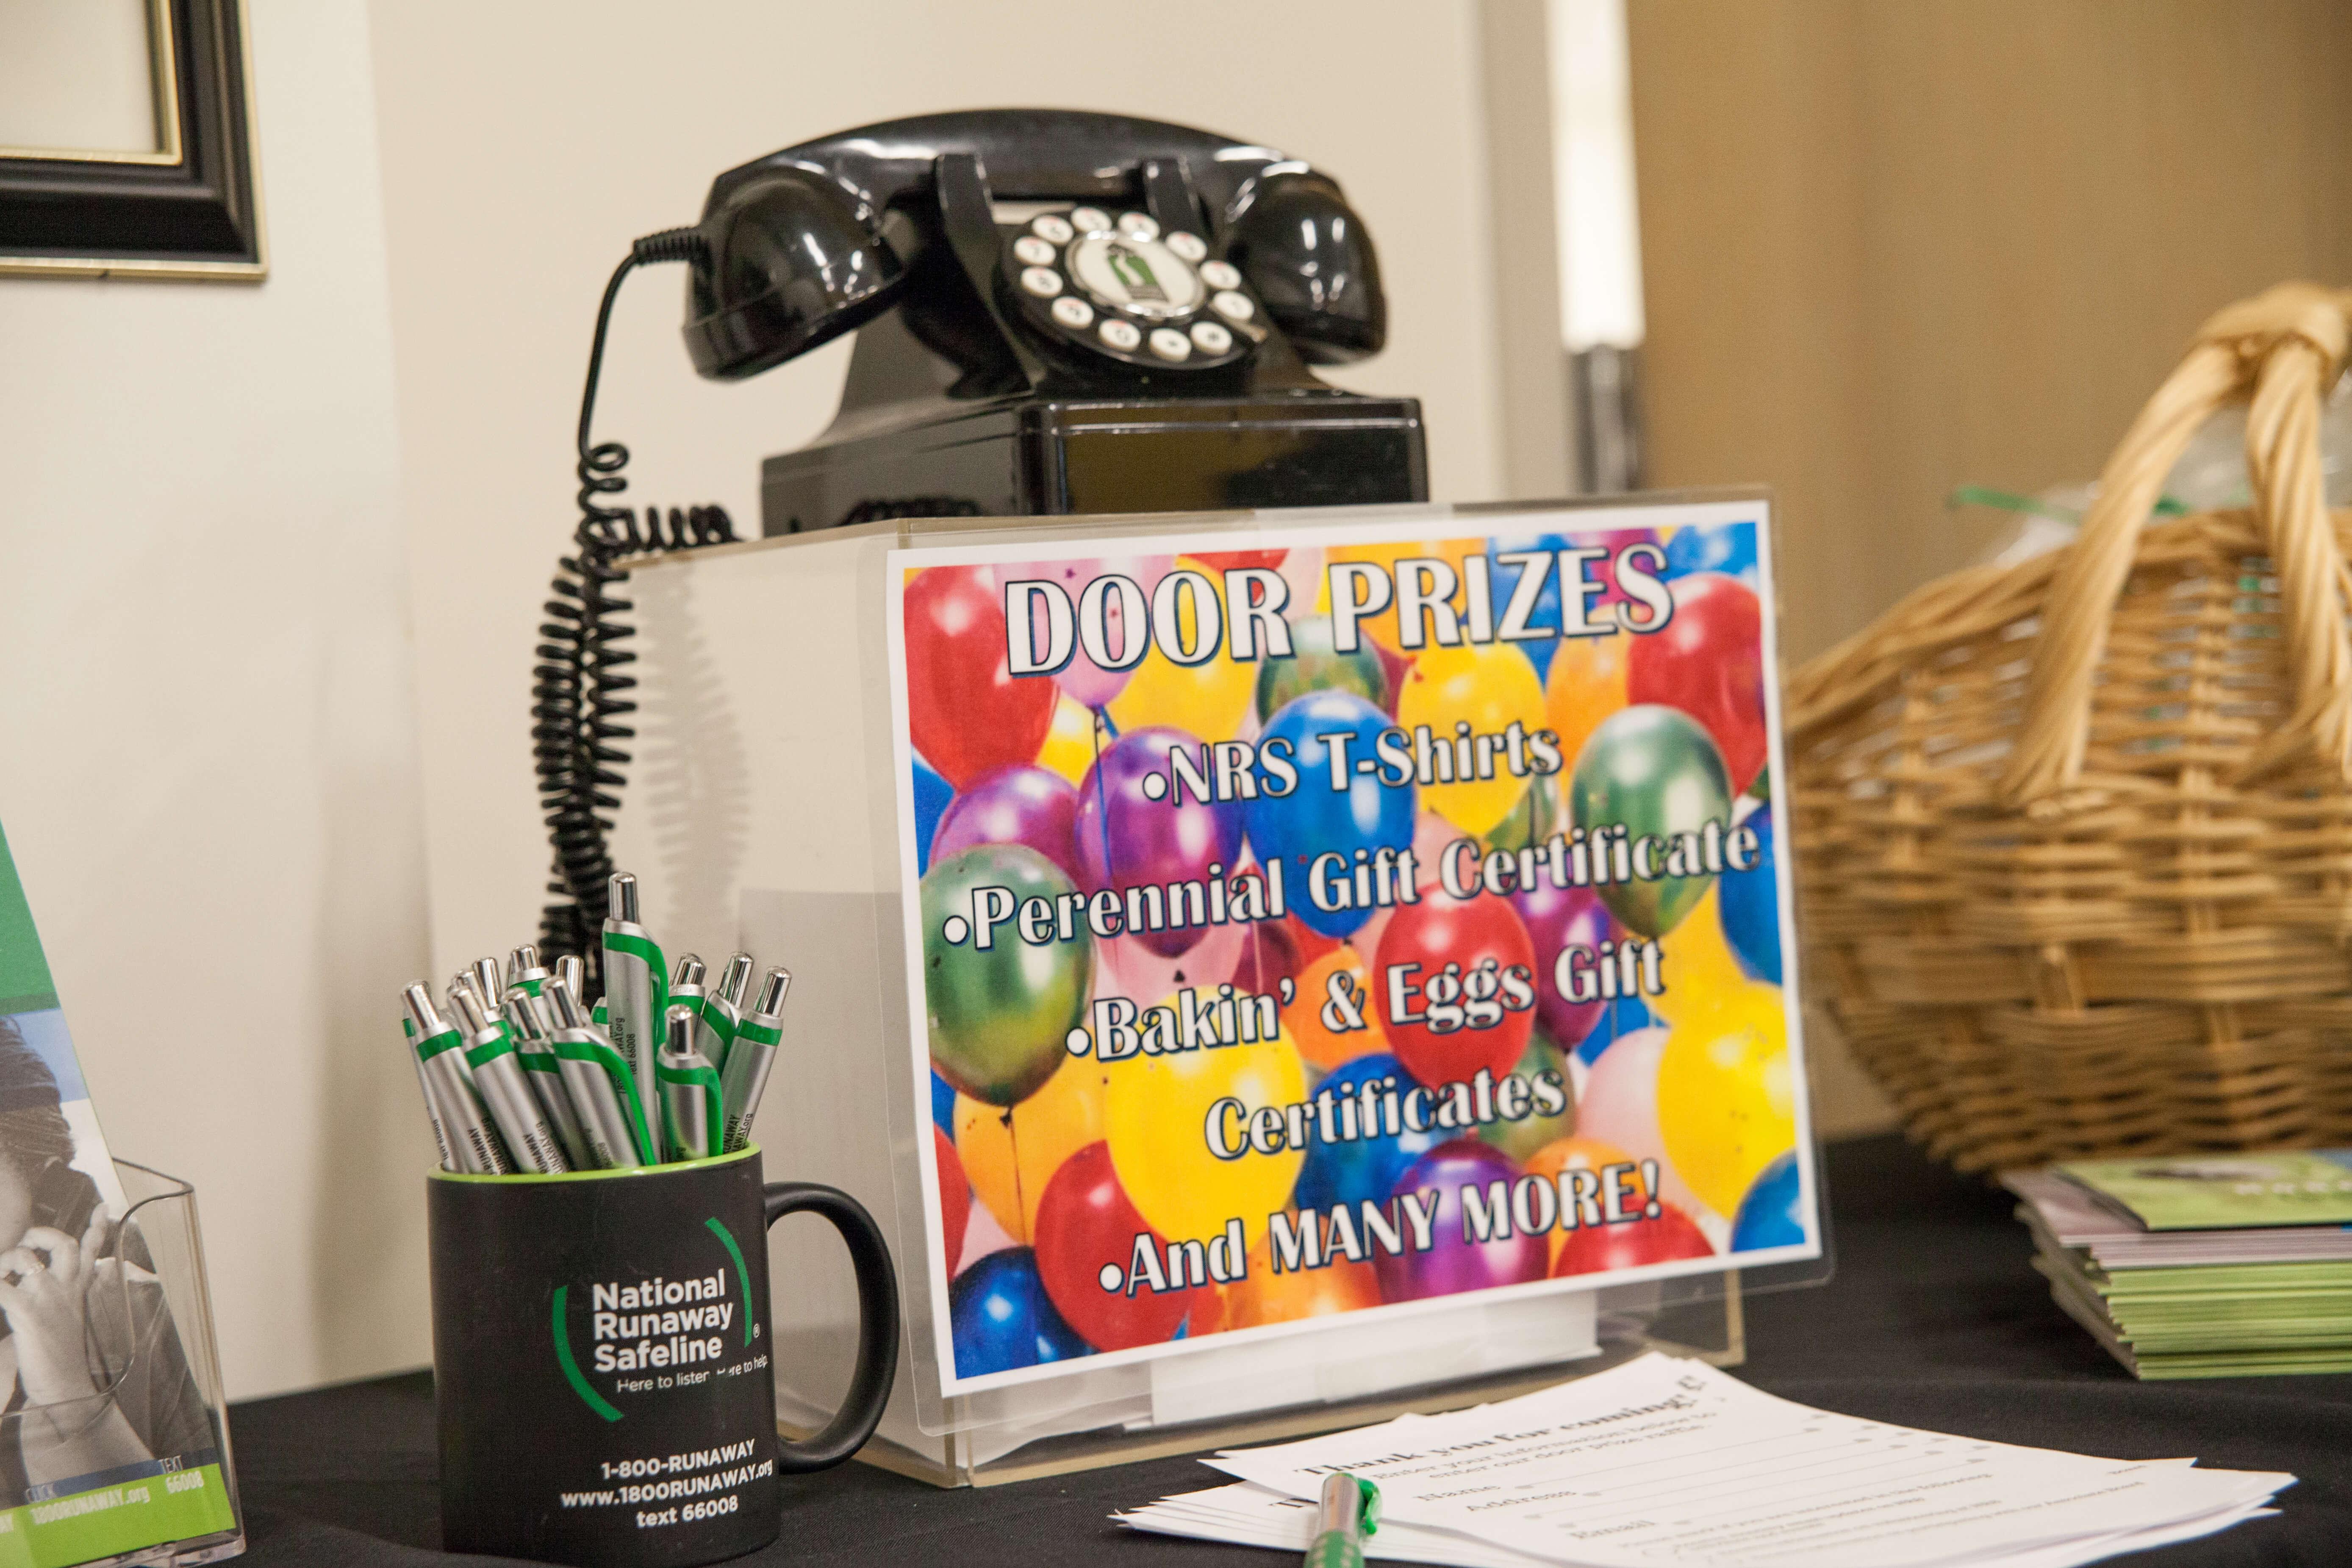 open house door. Youth Crisis Hotline NRS Open House Door Prize Game - National Runaway Safeline   C